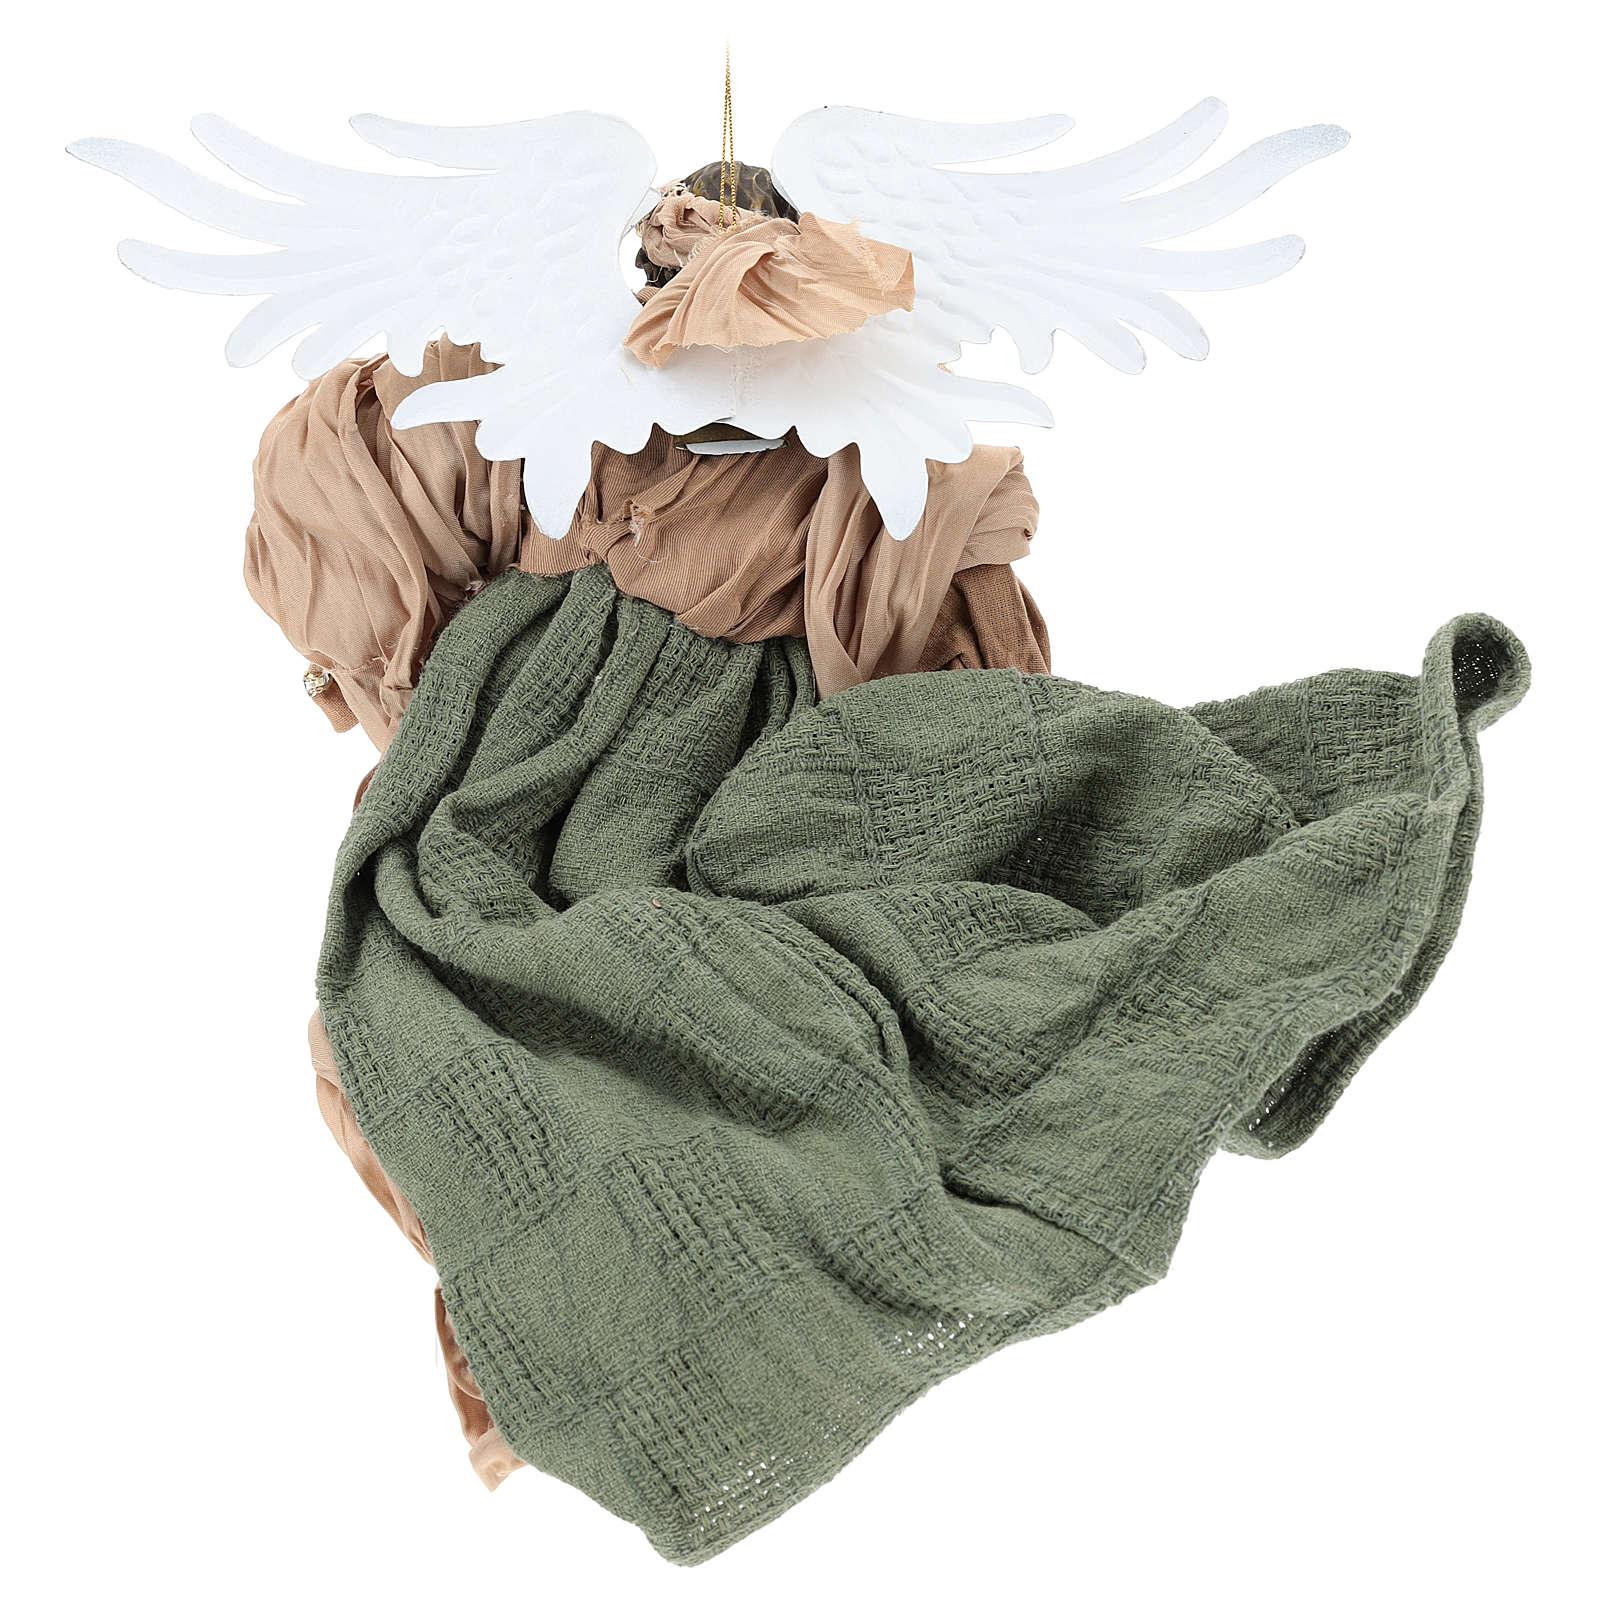 Anjo em vôo 35 cm em terracota detalhes em tecido 3